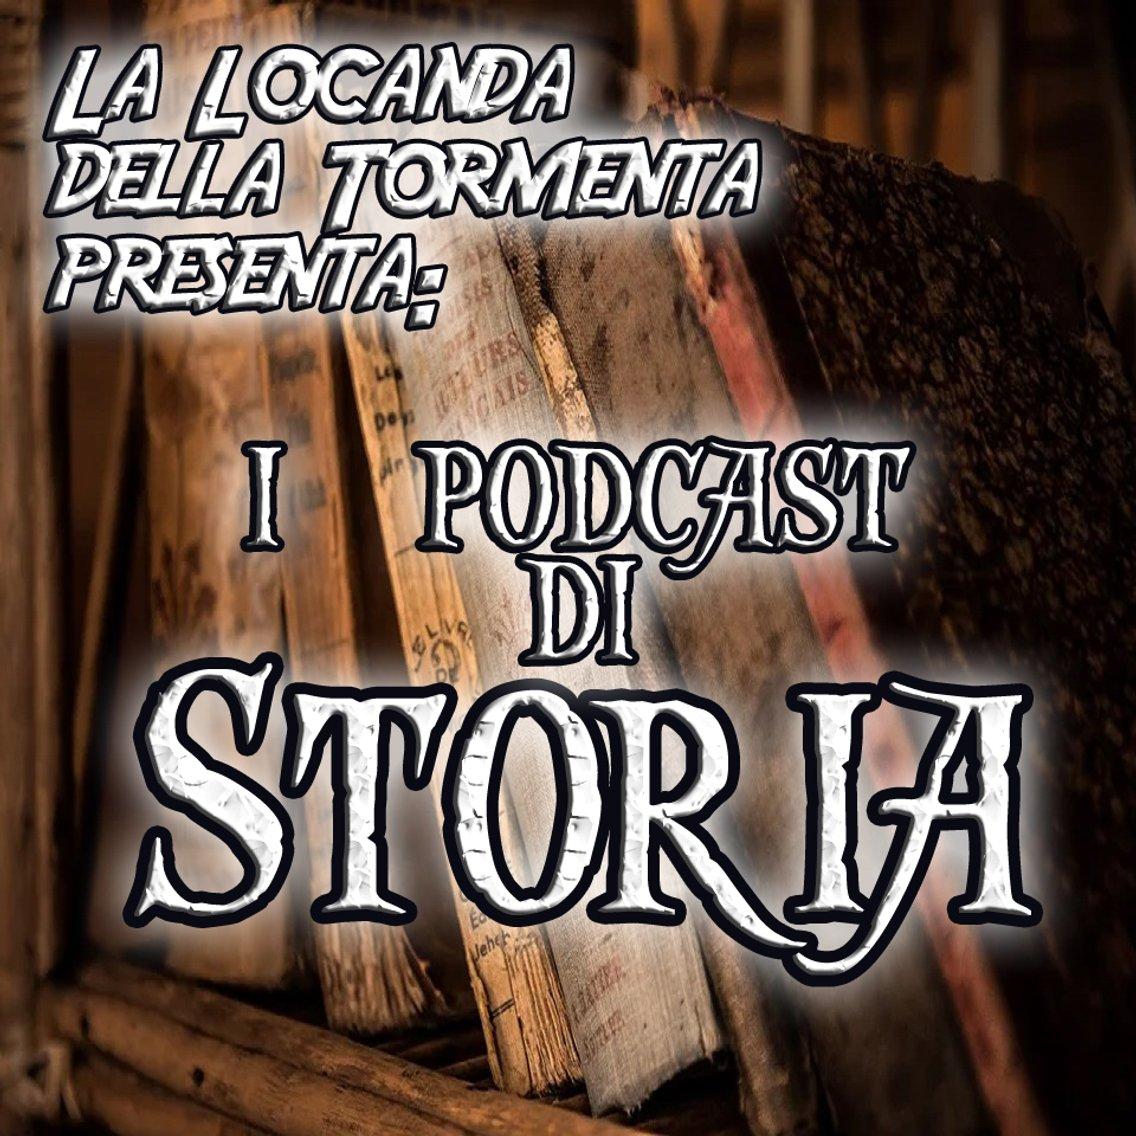 Audiolibro I podcast di Storia - immagine di copertina